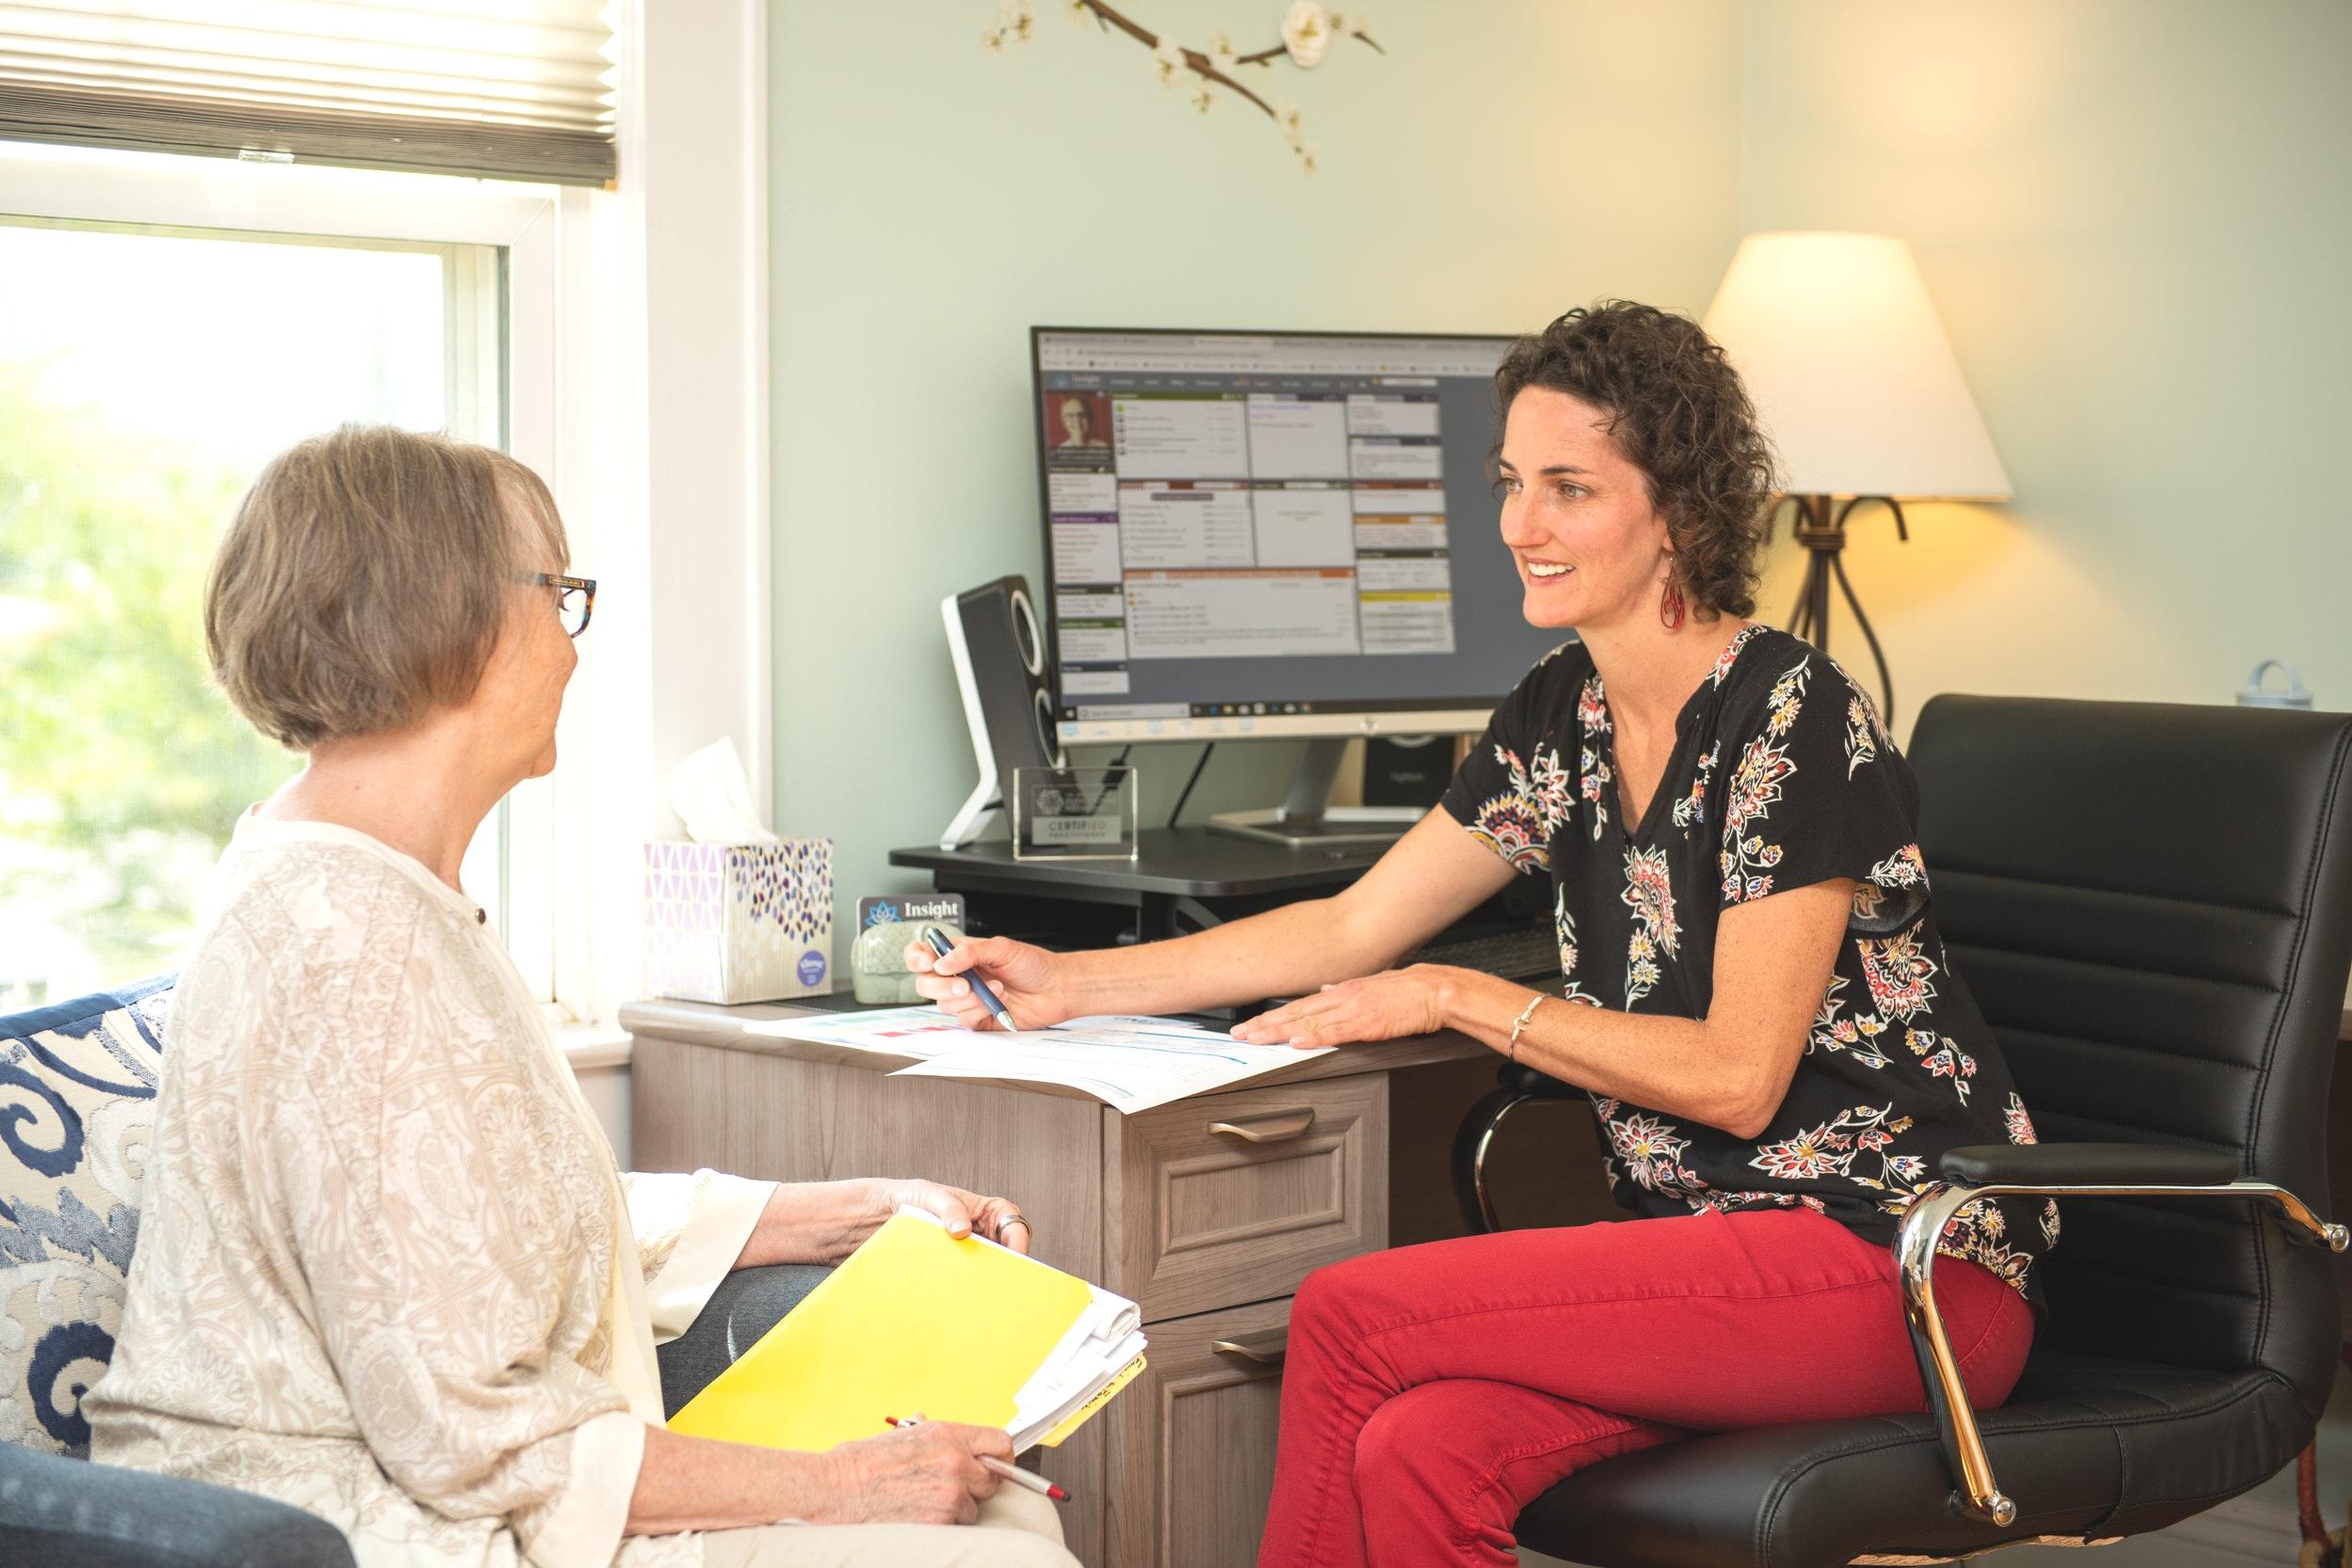 Dr. Bradt Patient Consultation